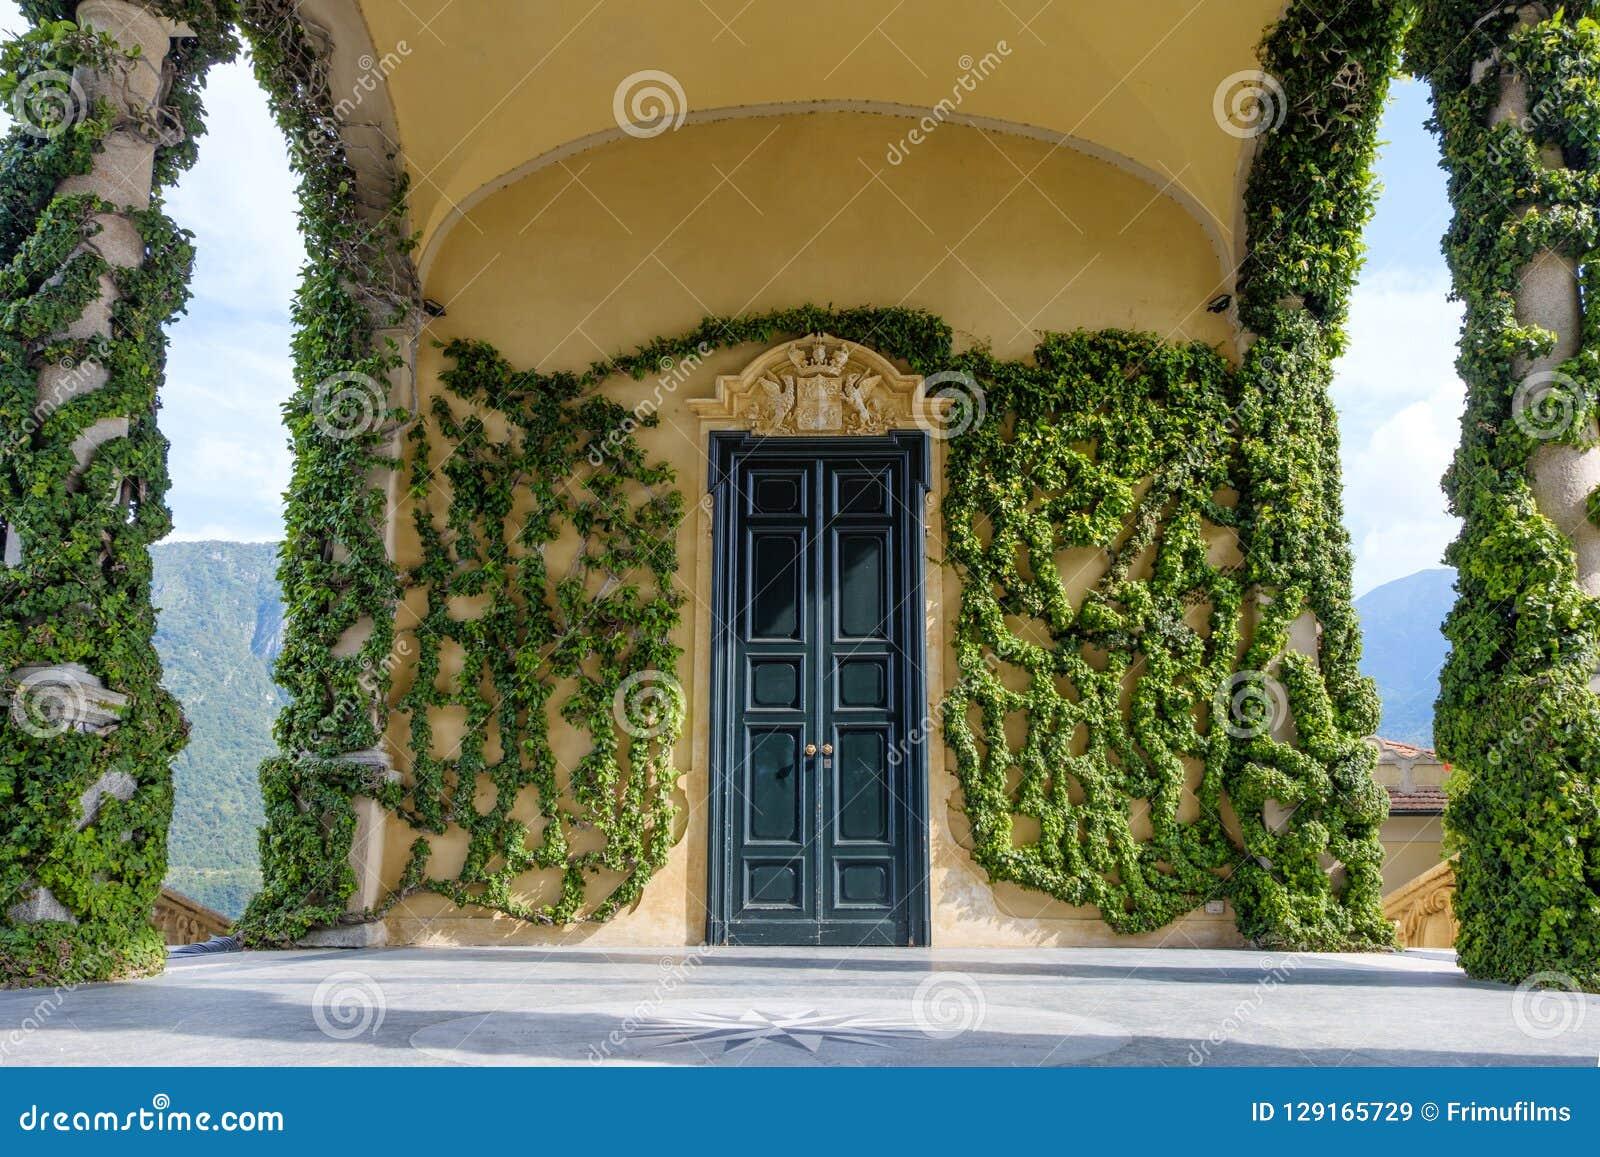 Villa Balbianello building with green ornaments